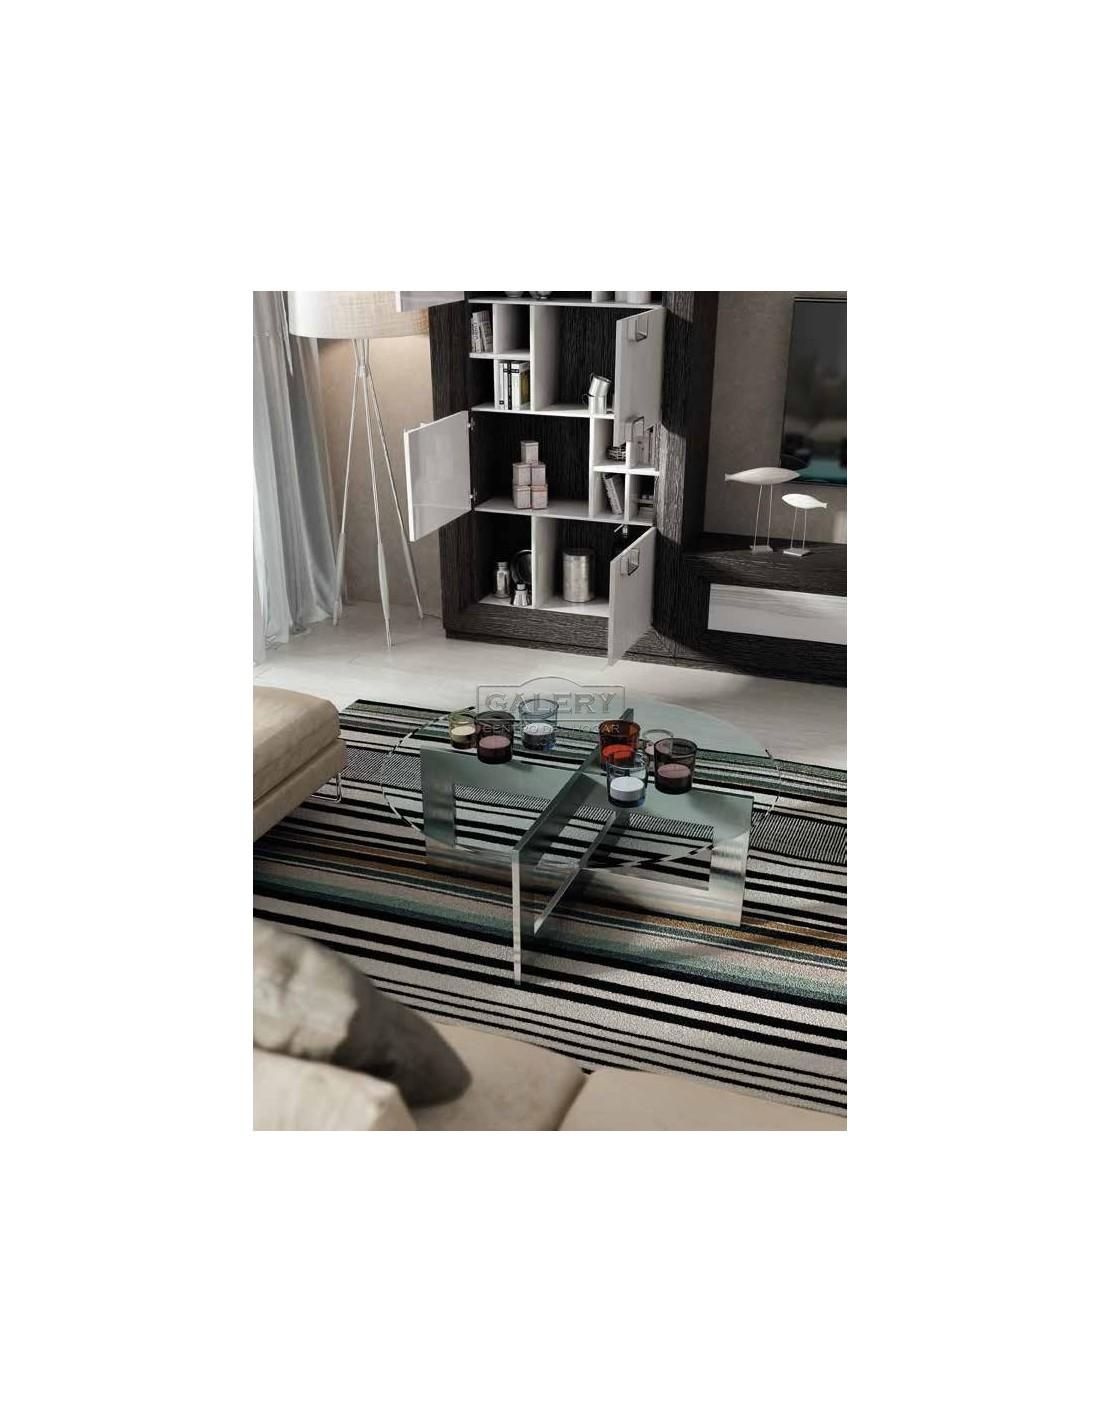 Mueble bar klass galery mobiliario centro del hogar - Mueble bar moderno ...